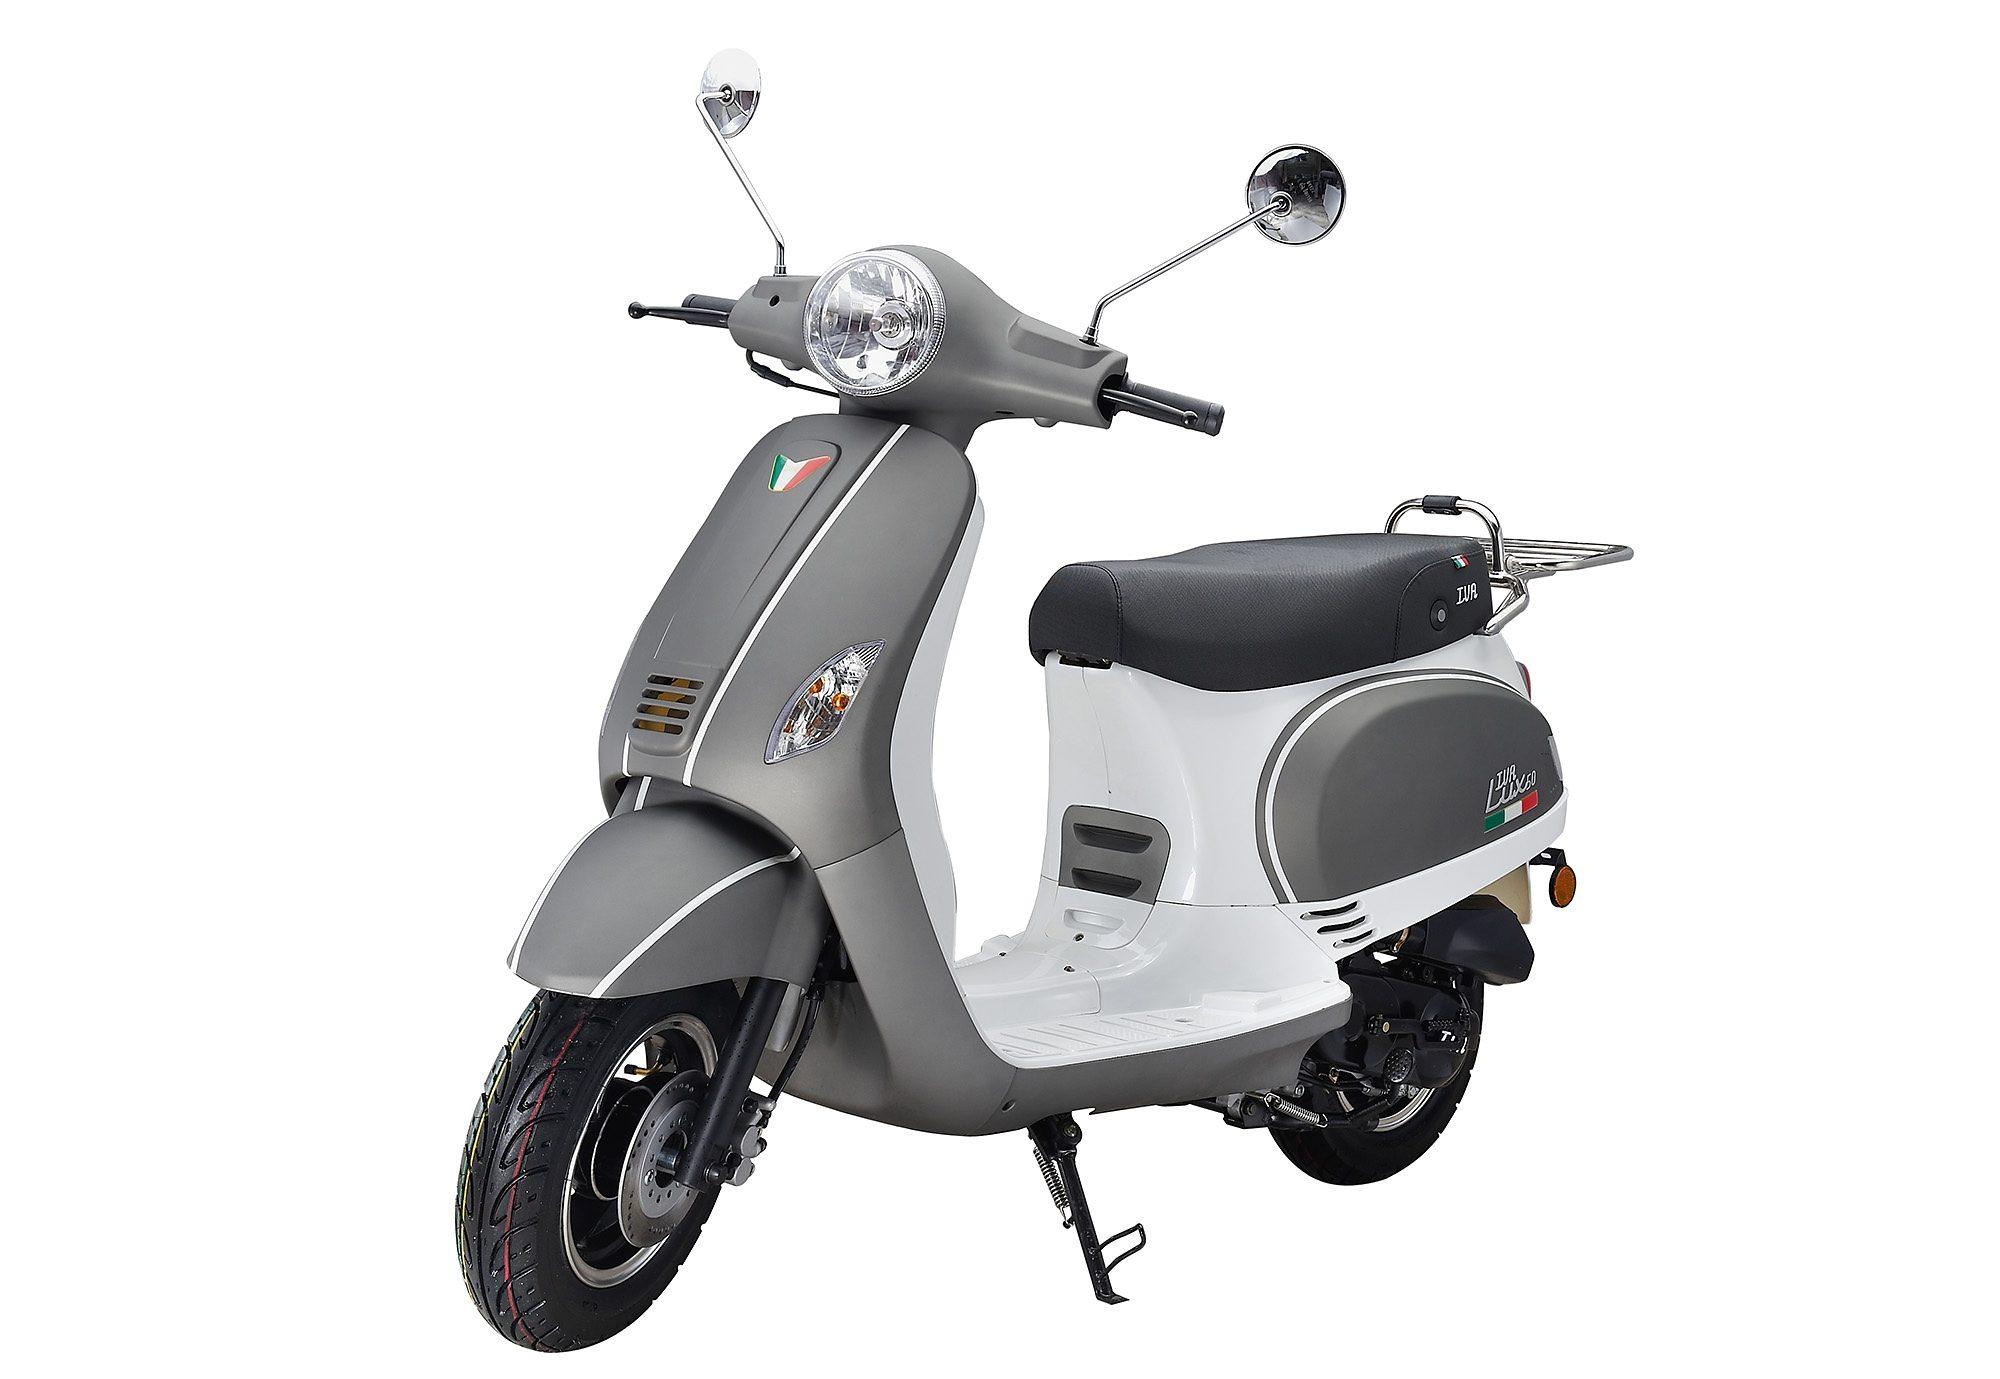 Motorroller, 50 ccm, 3 PS, 45 km/h, für 2 Personen, grau-weiss, »LUX«, IVA